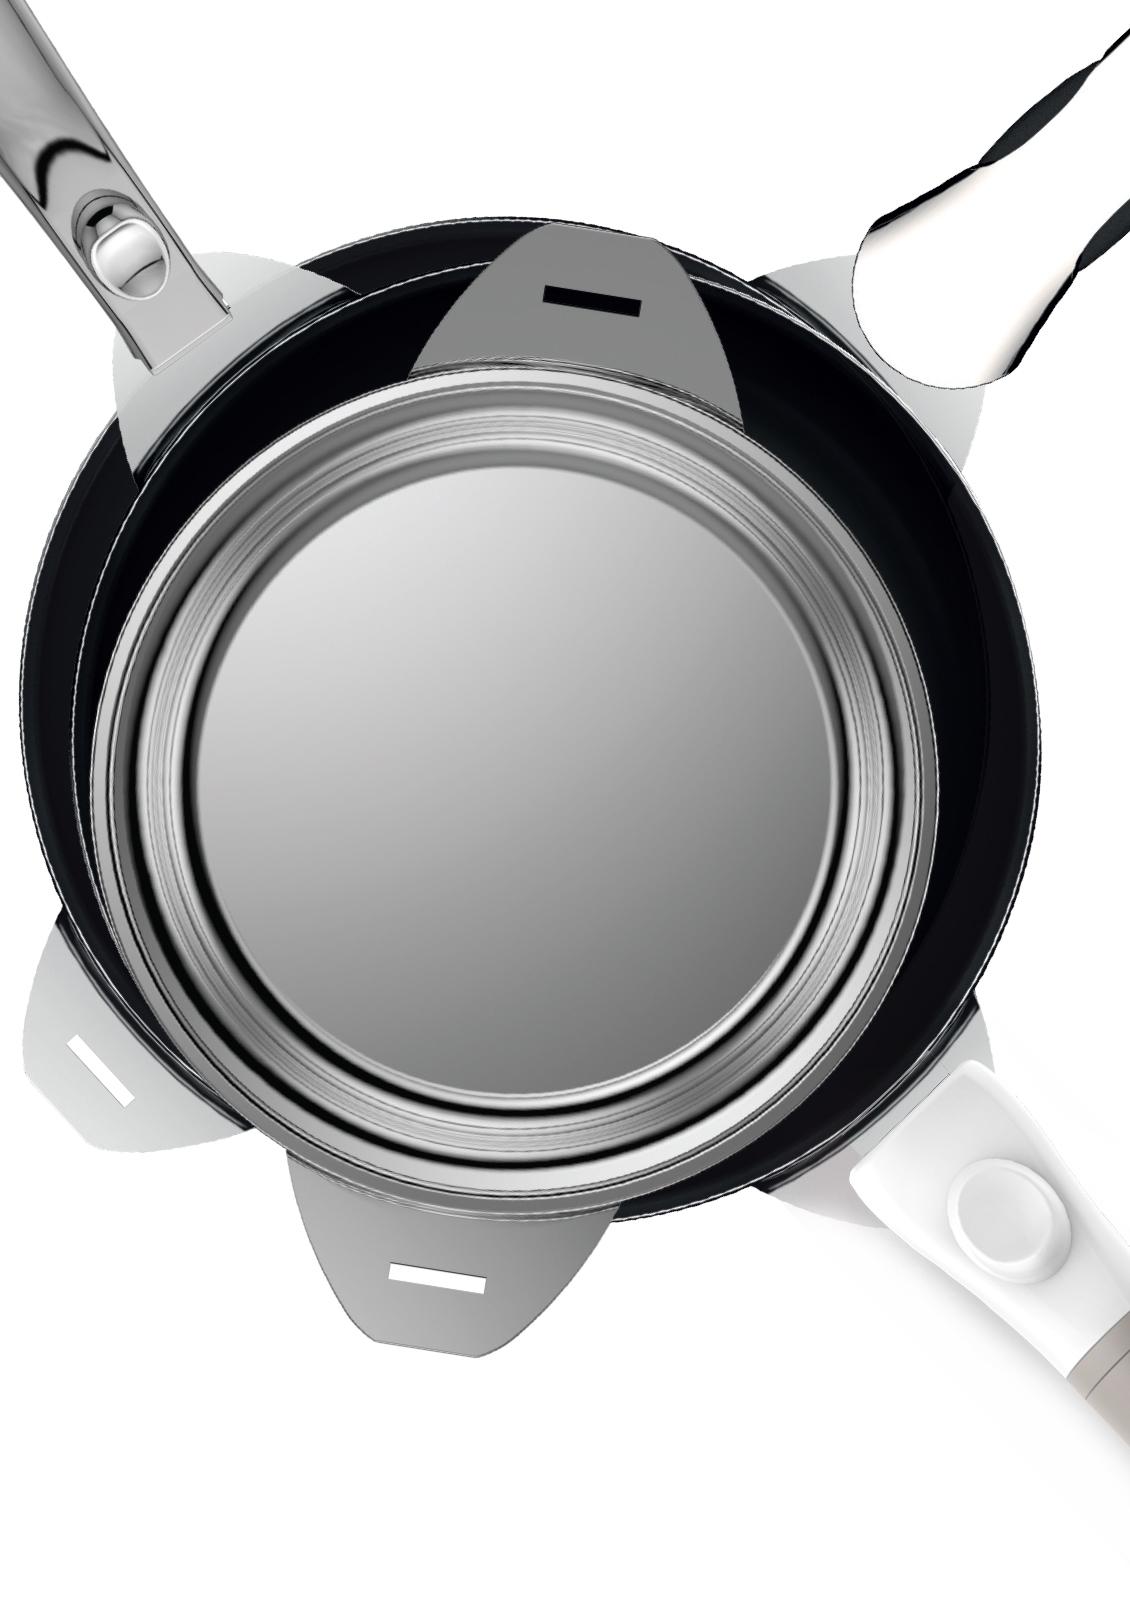 COMPATIBilité - Ces 3 poignées s'adaptent à l'ensemble des ustensiles des gammes :• Evergreen in White Plug'n Play• Grands Chefs Plug'n Playen savoir plus